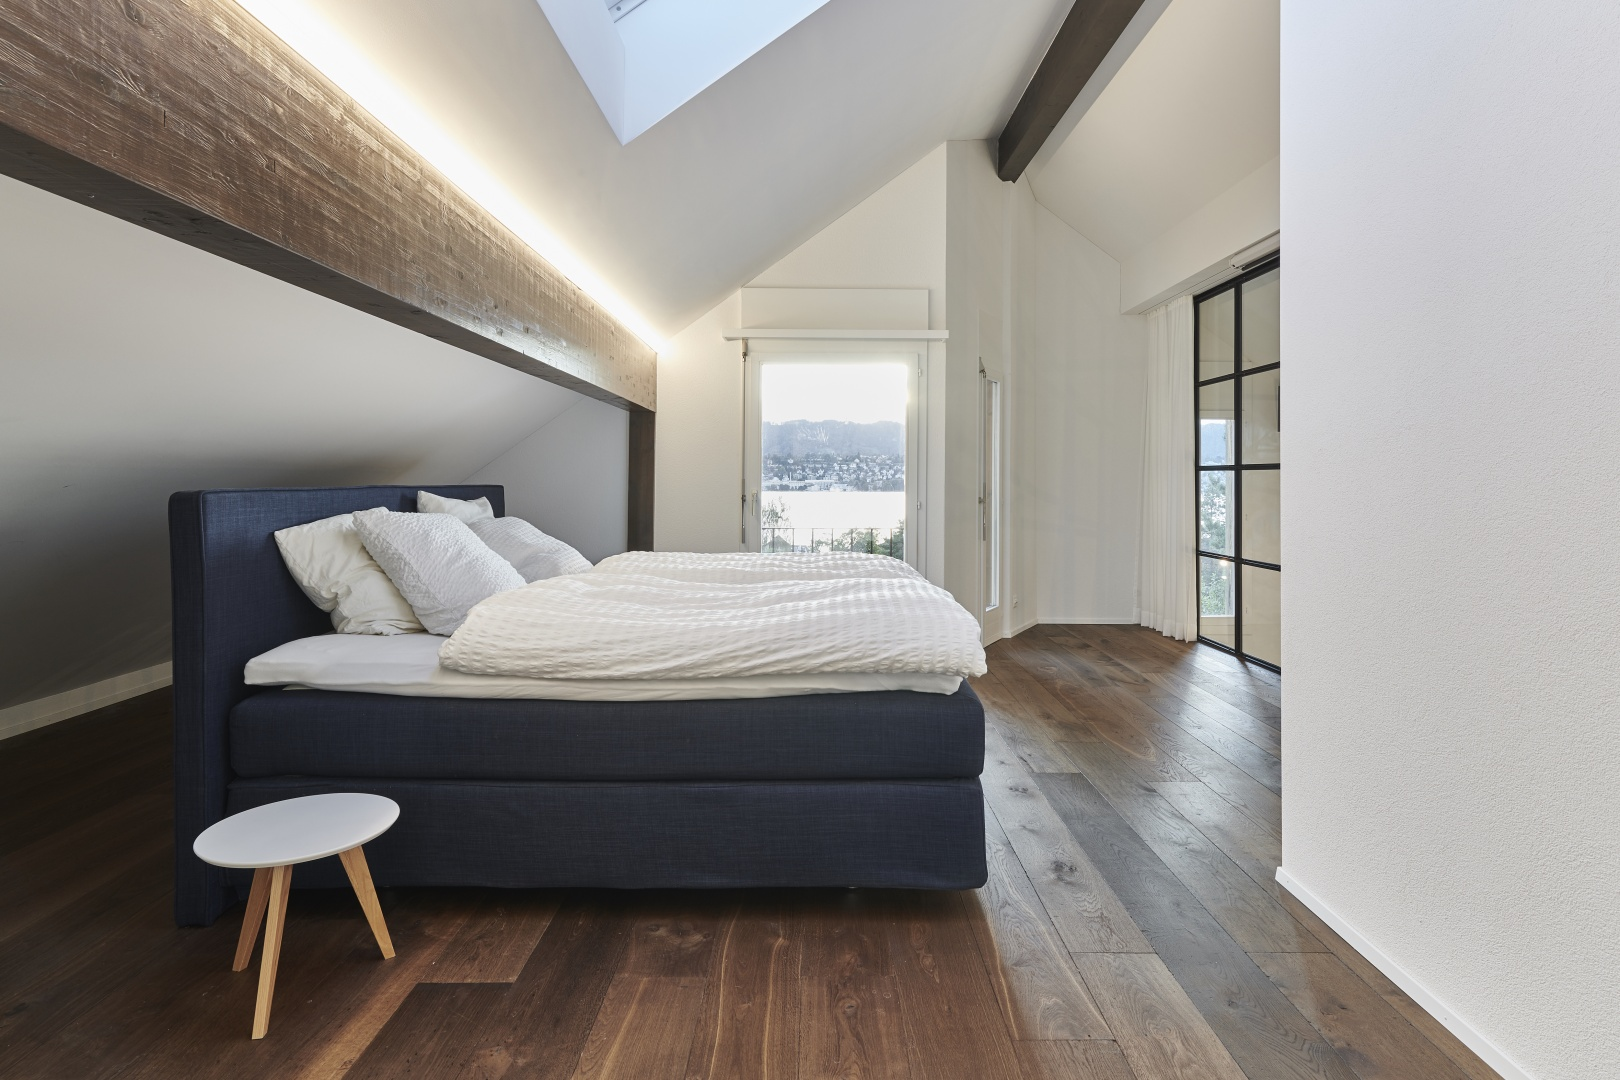 Elternschlafzimmer im Dachgeschoss © Gataric Fotografie, Flüelastrasse 10, 8048 Zürich